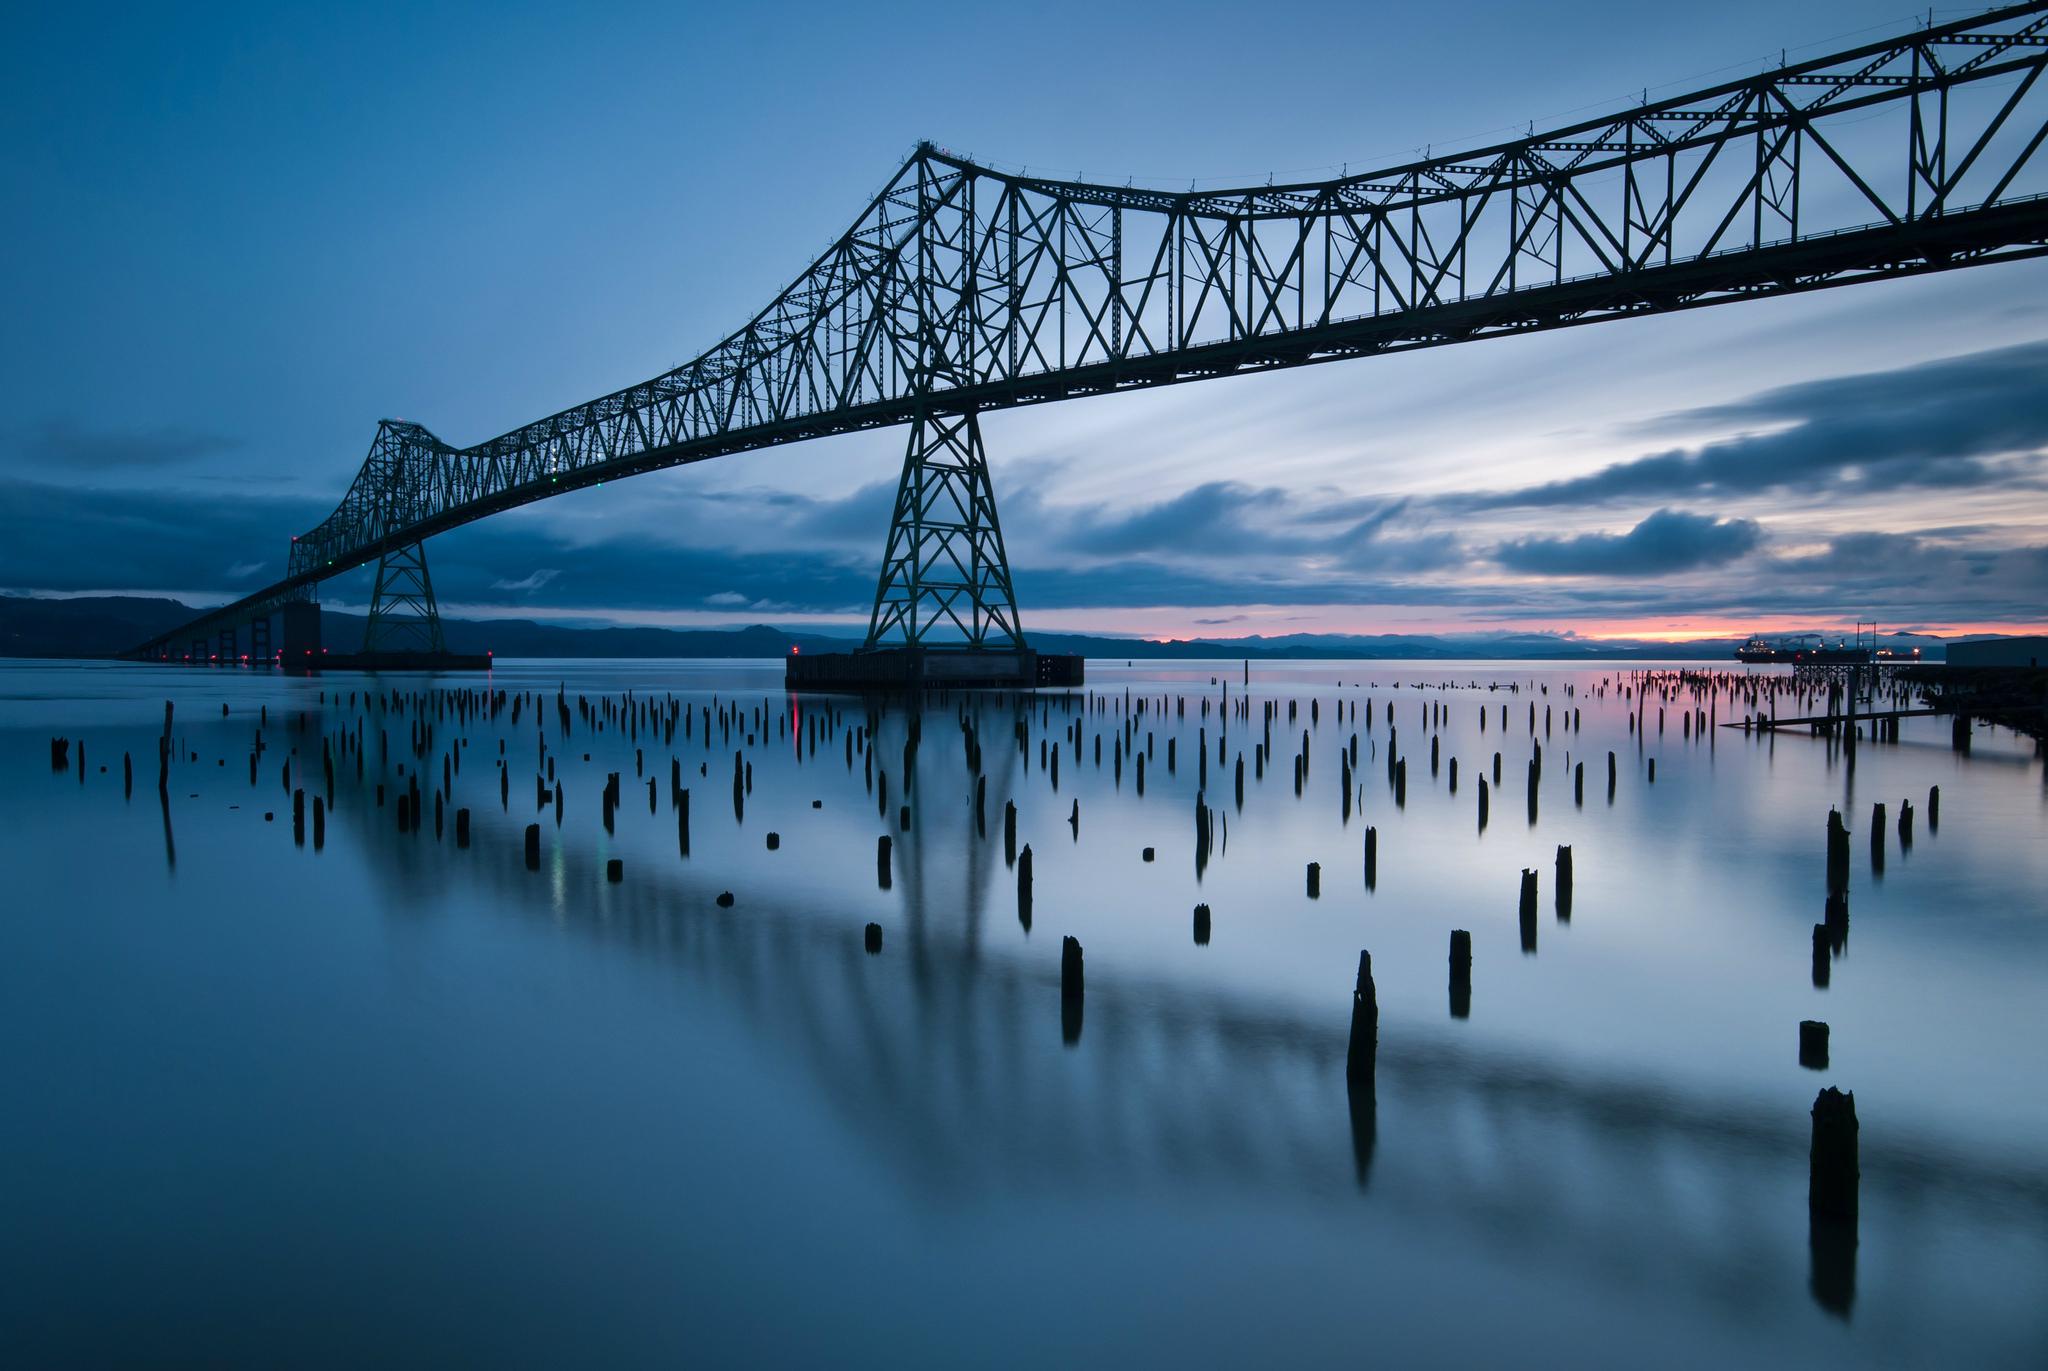 Мост река сумерки  № 3030677 загрузить